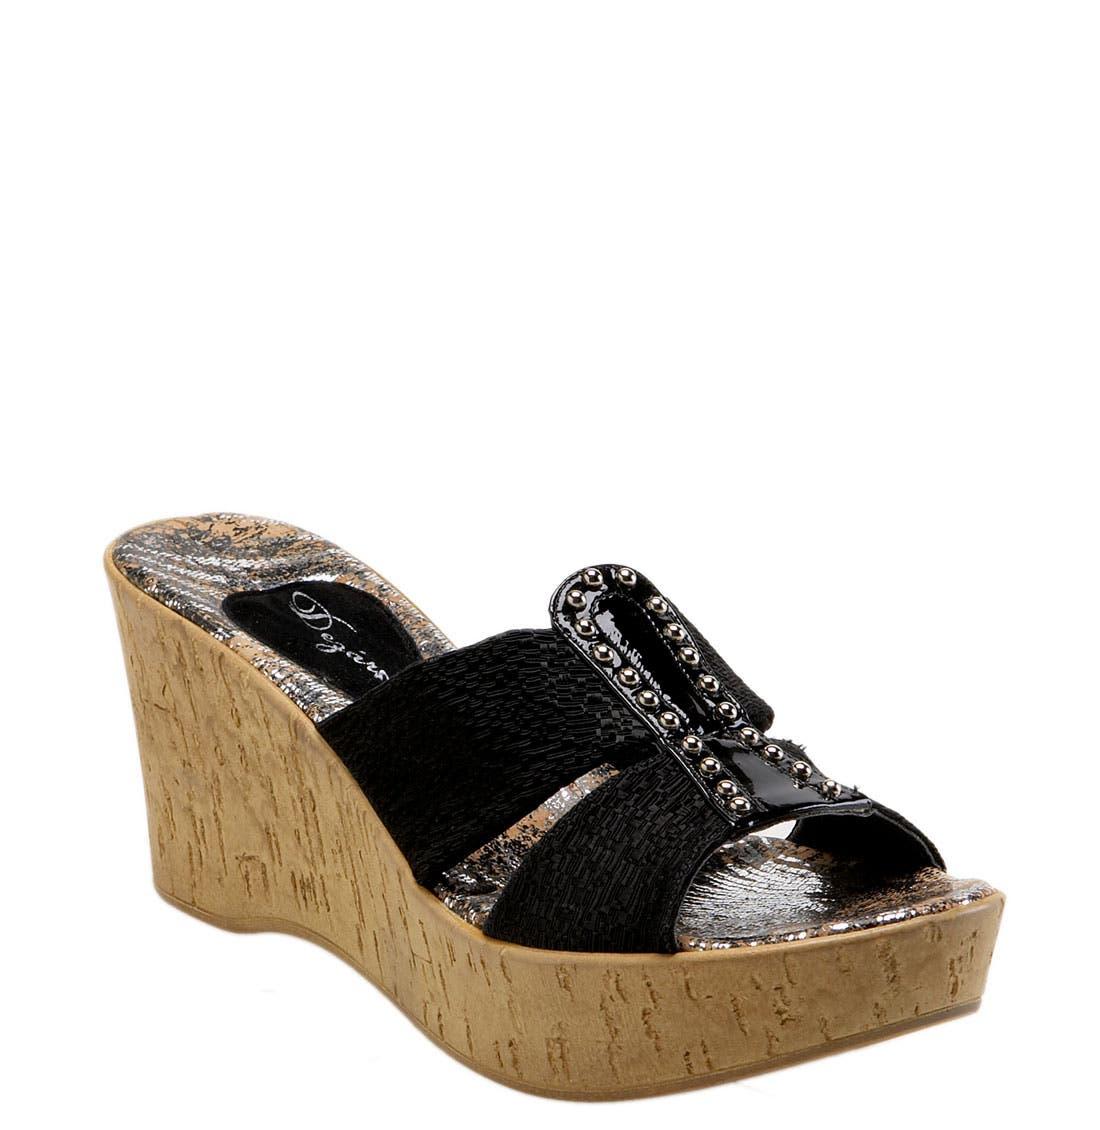 Alternate Image 1 Selected - Dezario 'Nanor' Wedge Sandal